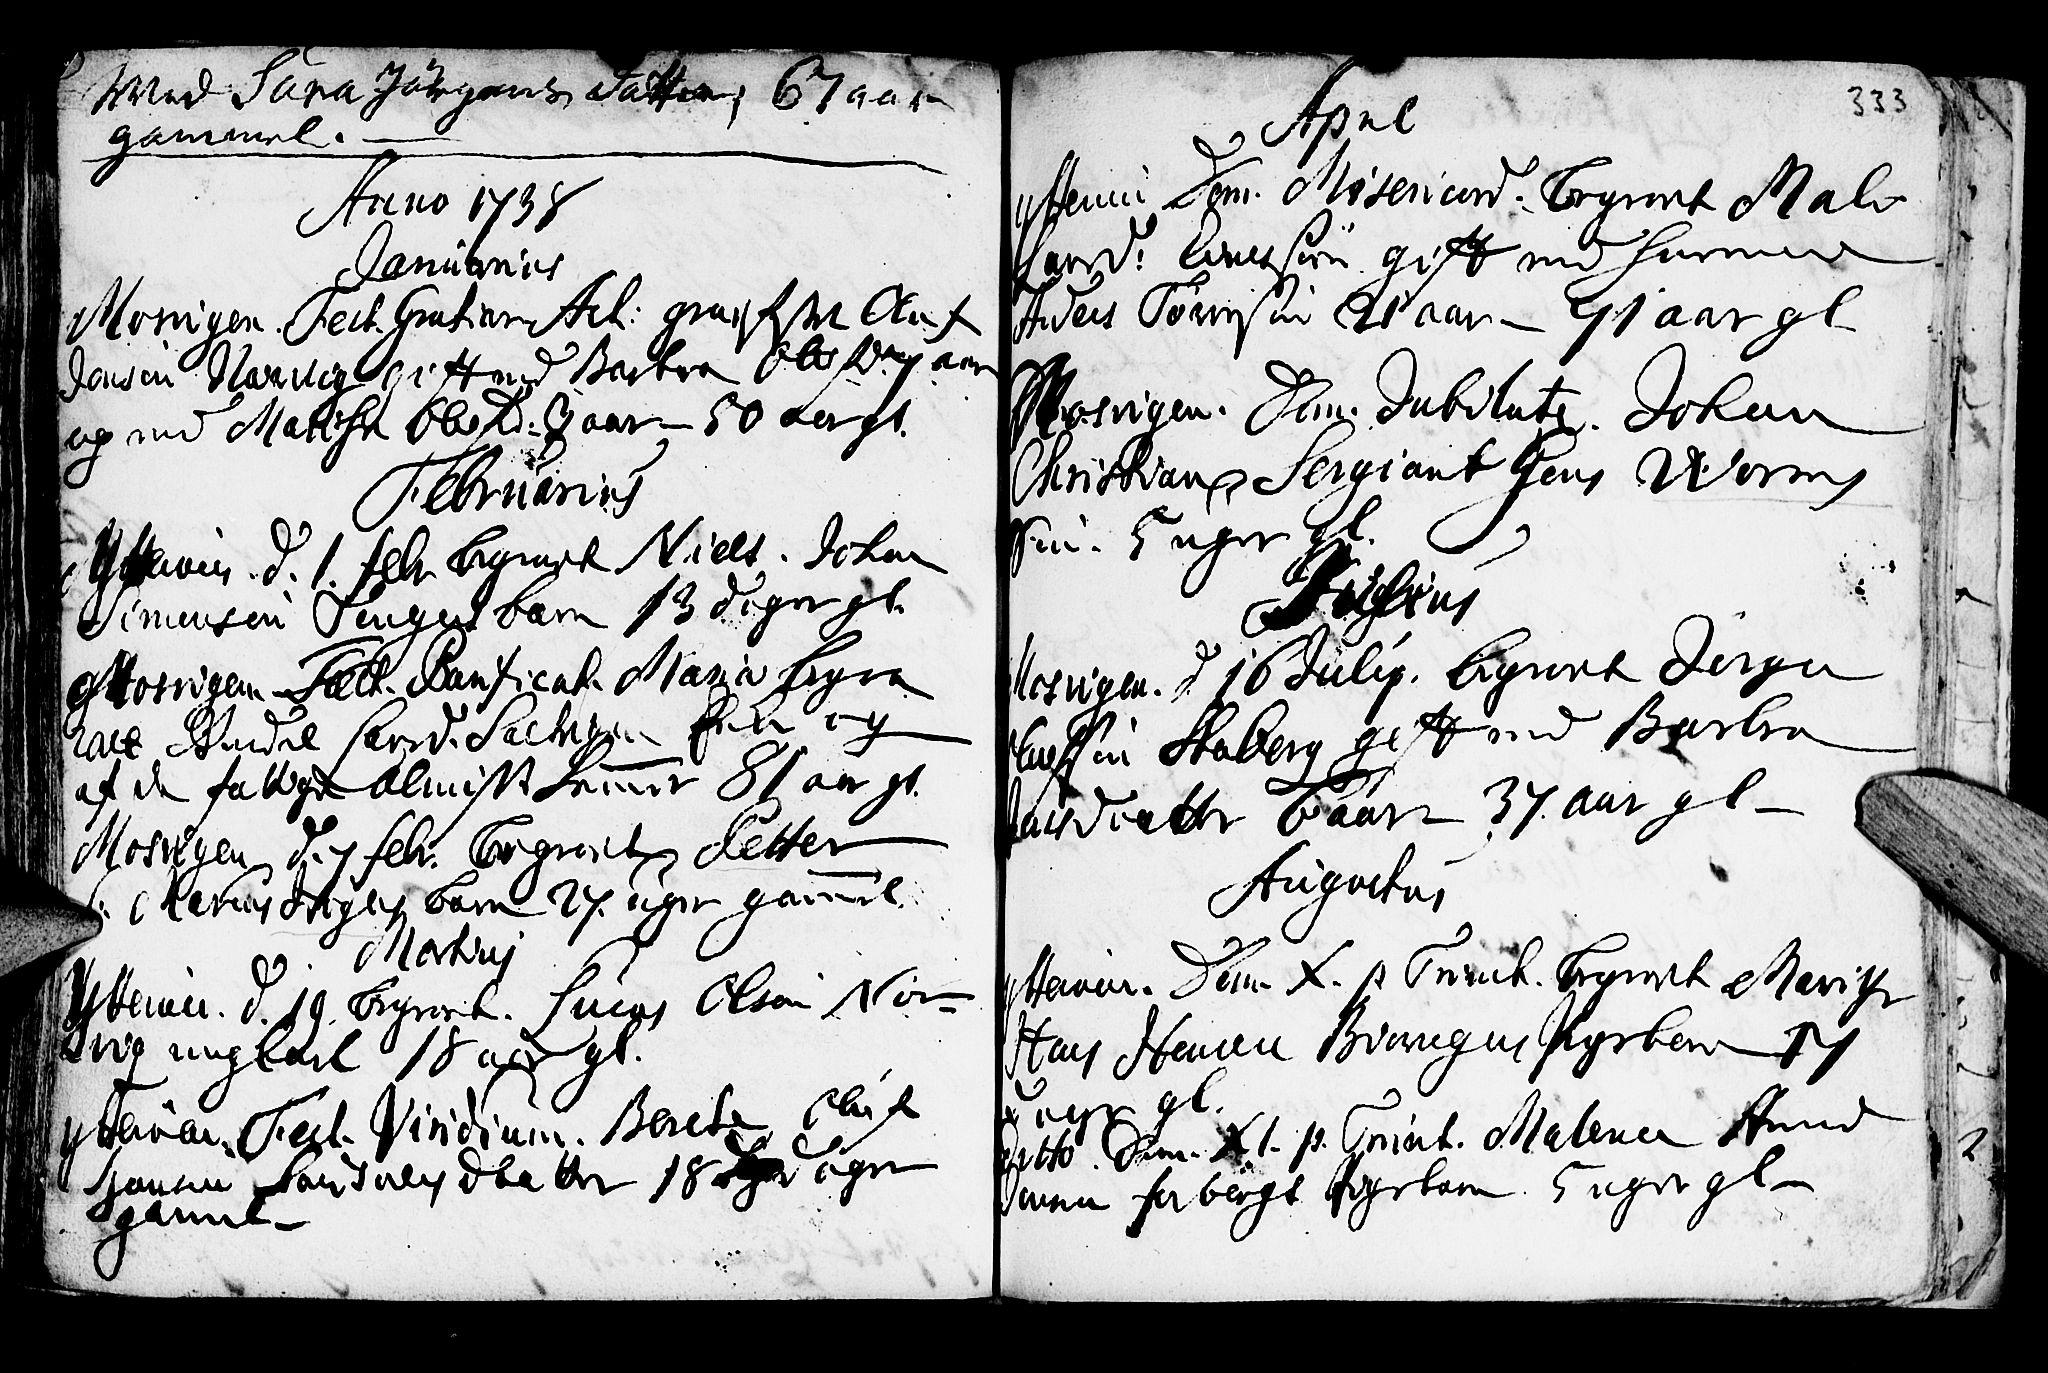 SAT, Ministerialprotokoller, klokkerbøker og fødselsregistre - Nord-Trøndelag, 722/L0215: Ministerialbok nr. 722A02, 1718-1755, s. 333